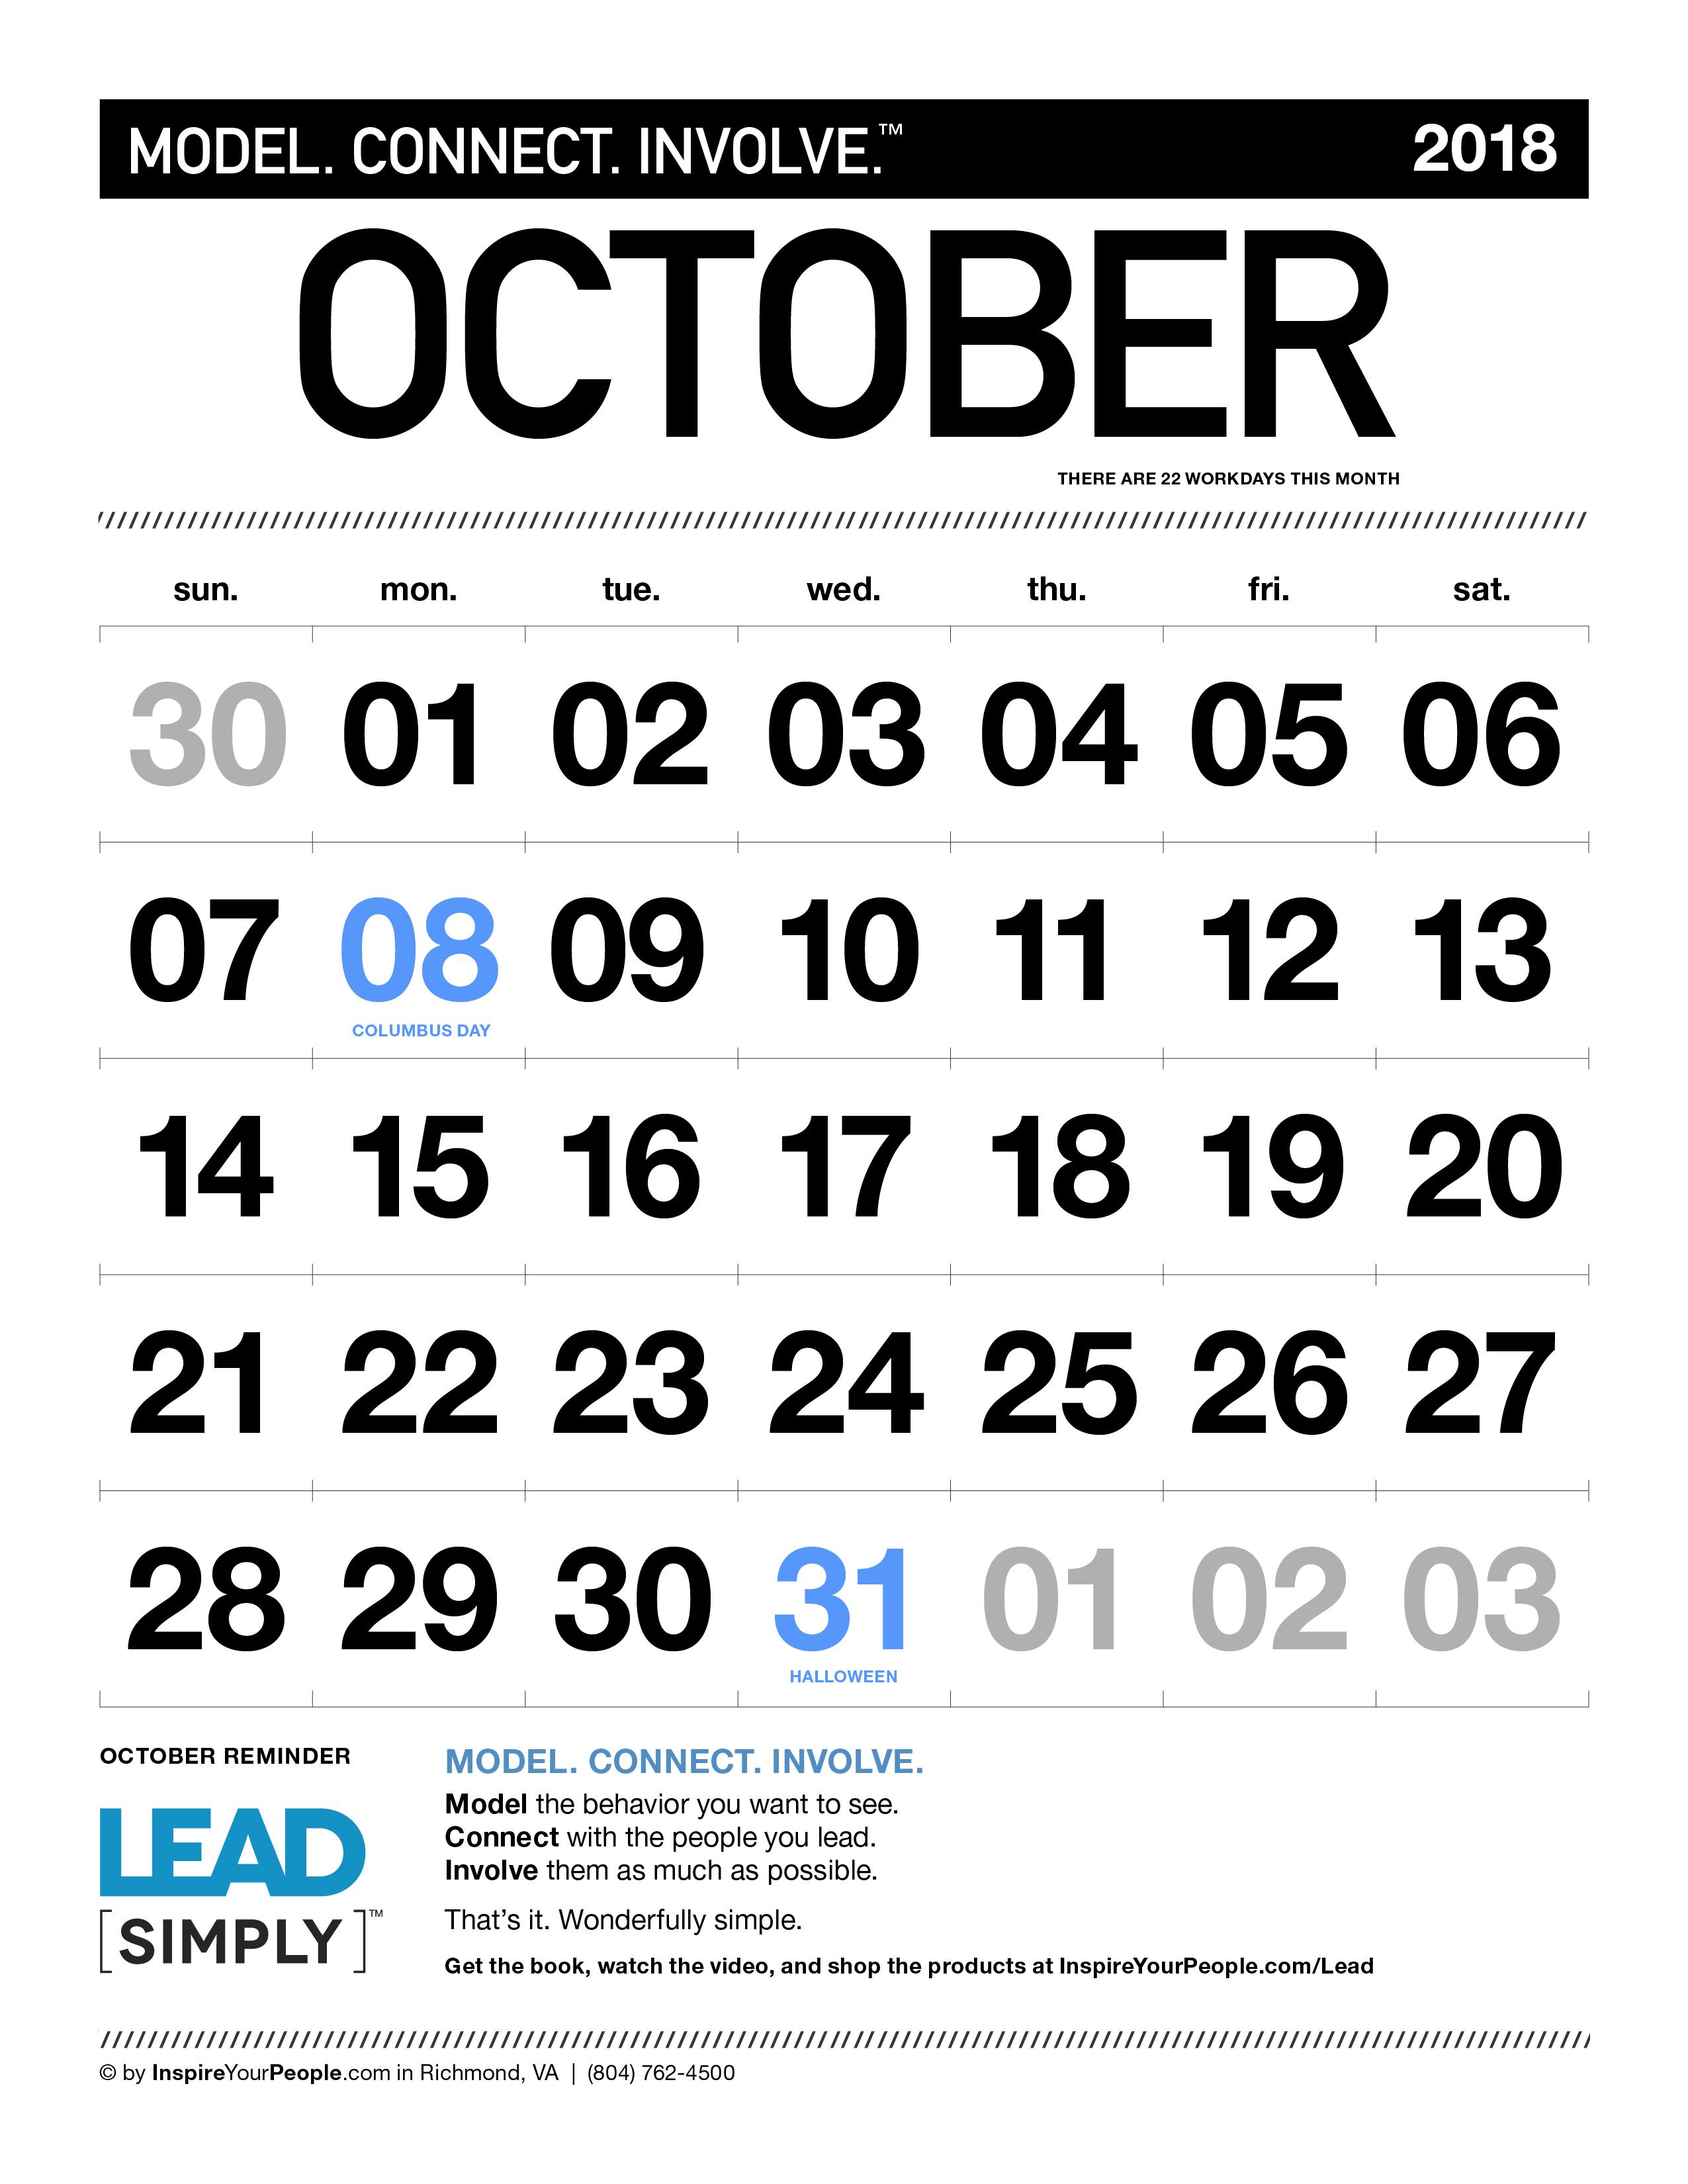 InspireYourPeople.com Monthly Calendar October 2018